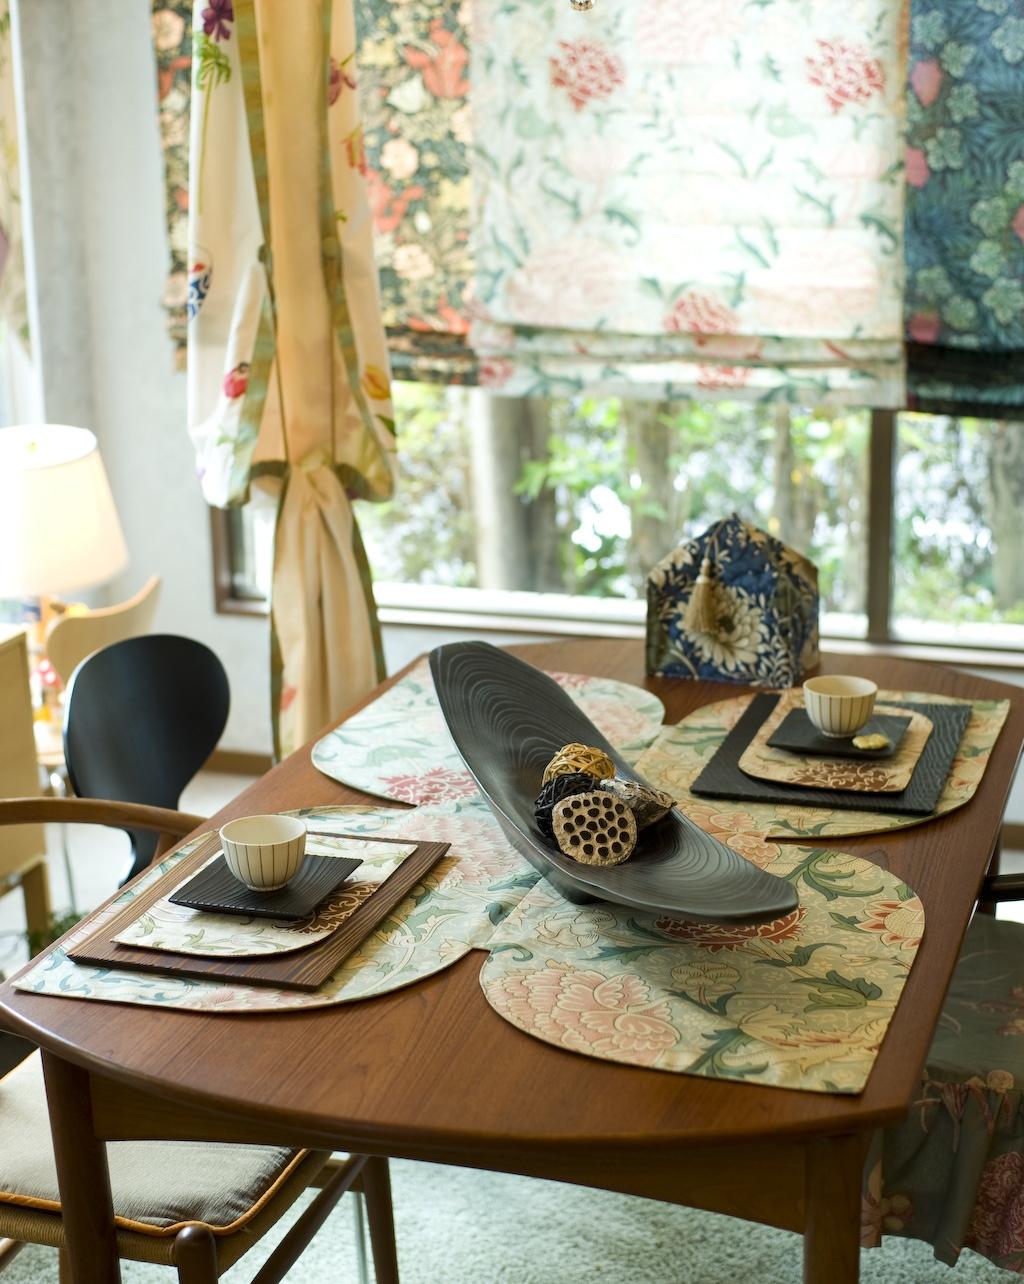 ウィリアム モリスの生地でテーブルクロスを作りました。_c0157866_17383796.jpg